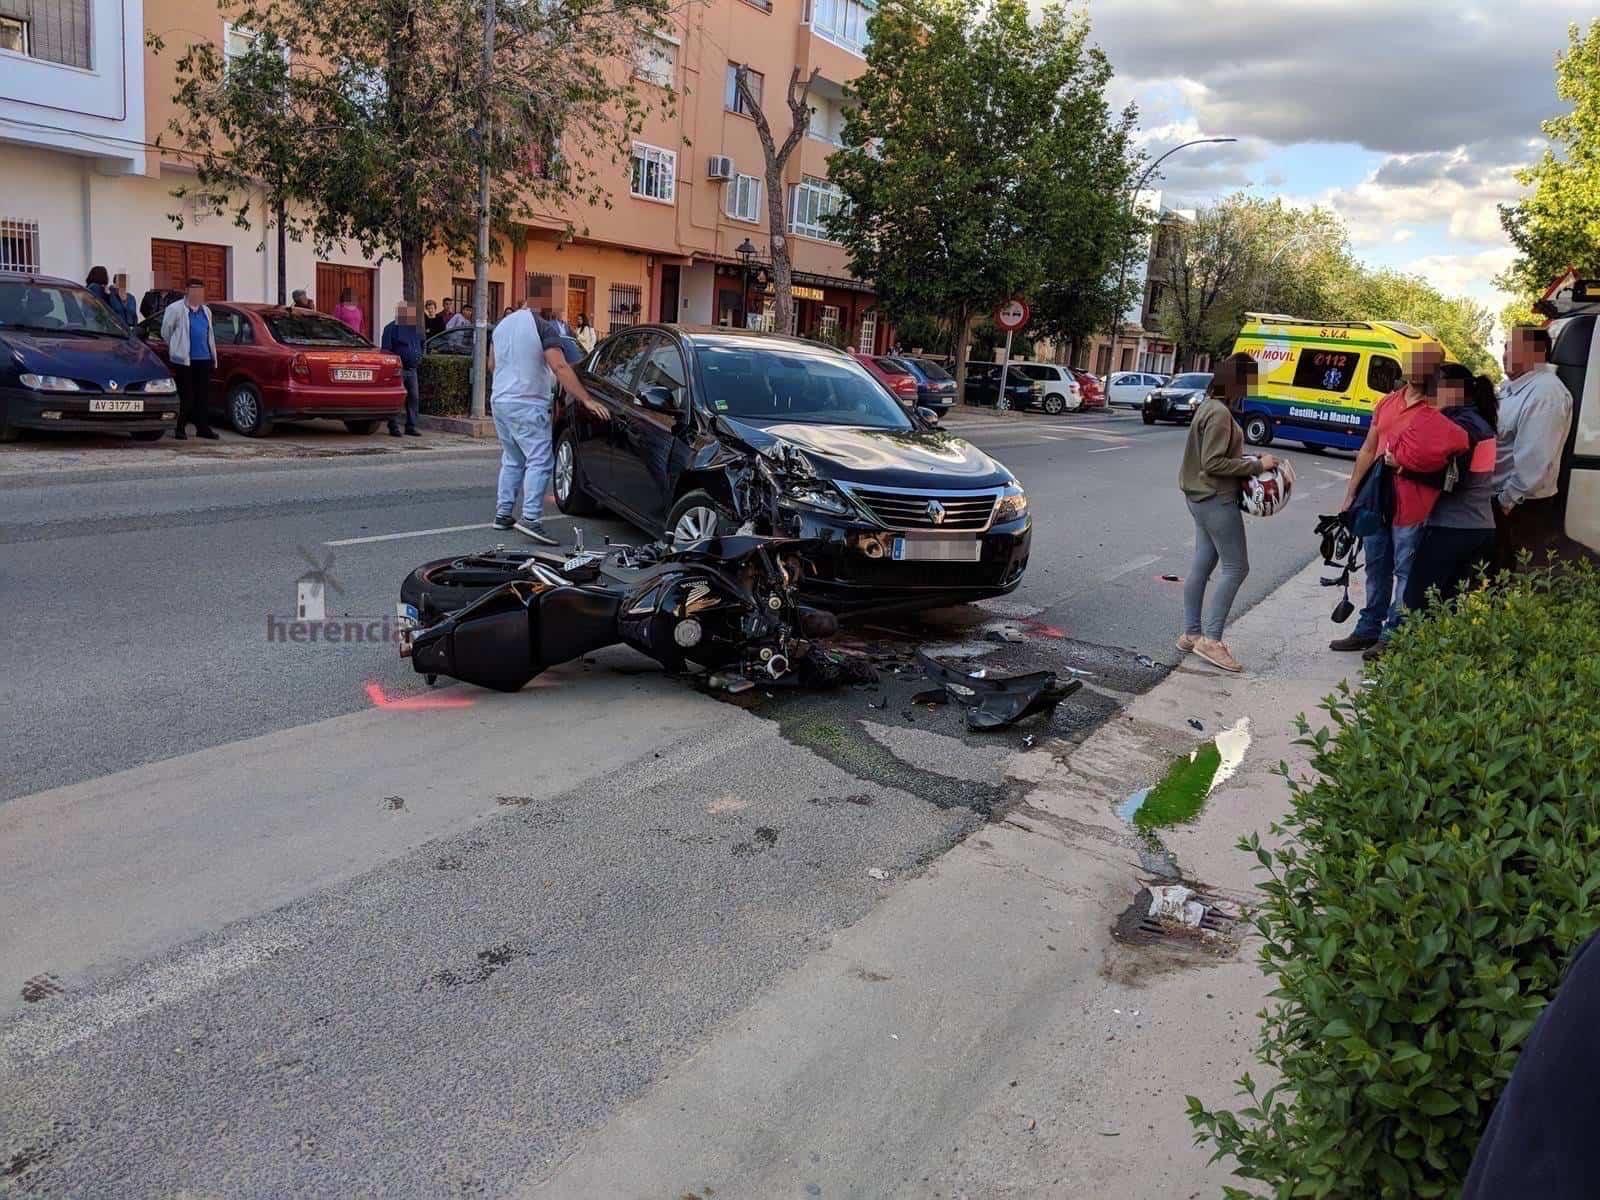 accidente herencia turismo motocicleta avda alcazar 1 - Accidente entre un turismo y una moto en la Avenida de Alcázar de Herencia